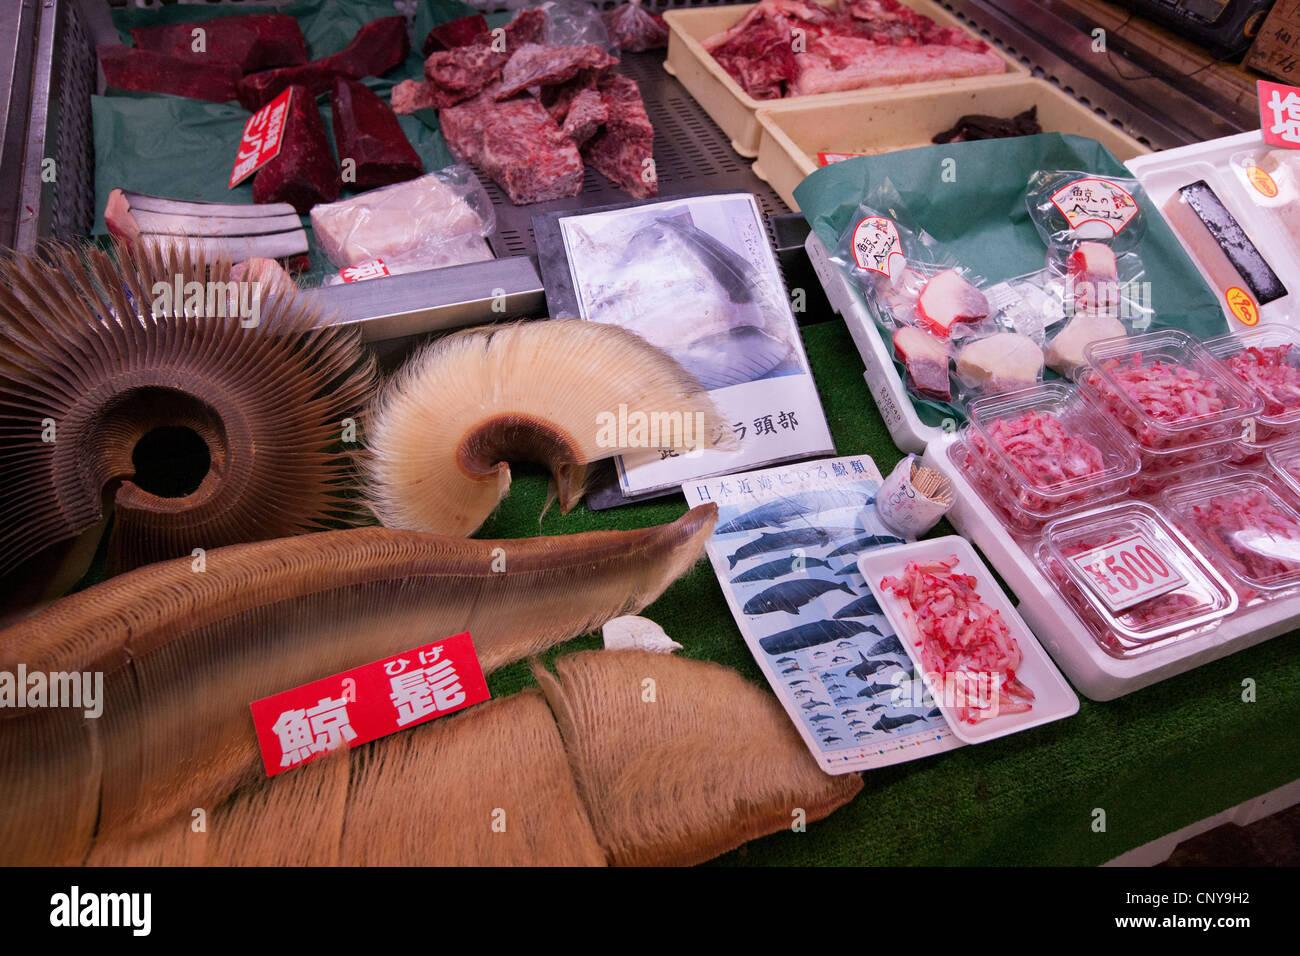 La carne de ballena, y los subproductos de ballenas en la pantalla, dentro del mercado de pescado de Shiogama, en Shiogama Ishinomaki, cerca de la ciudad, Japón. Foto de stock